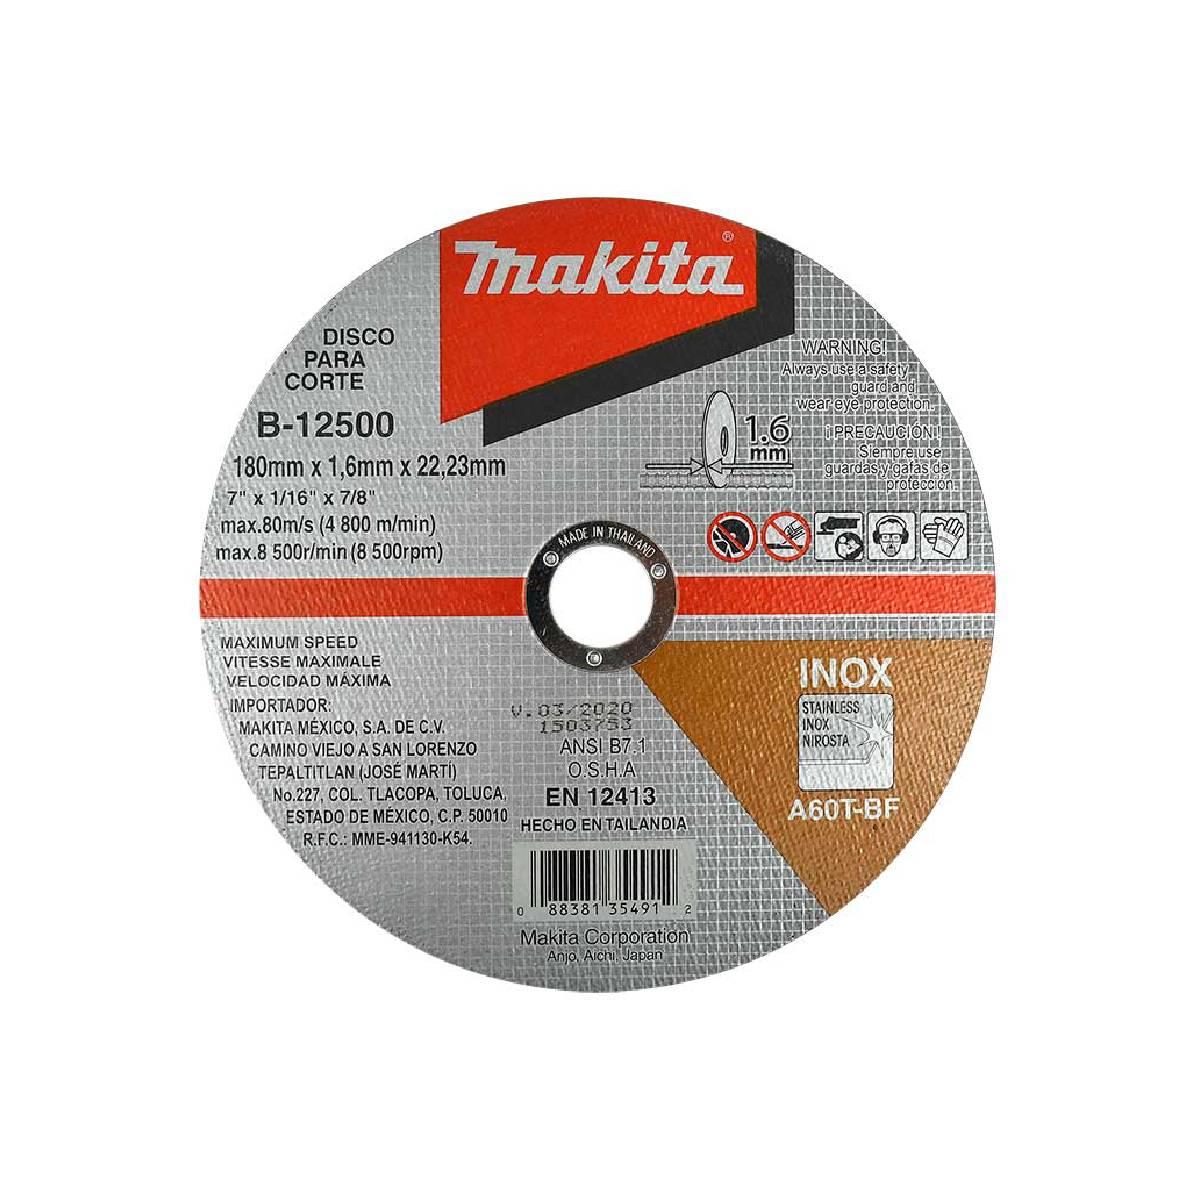 Disco Para Corte Acero Inoxidable 7 InX1/16 InX7/8 In Makita